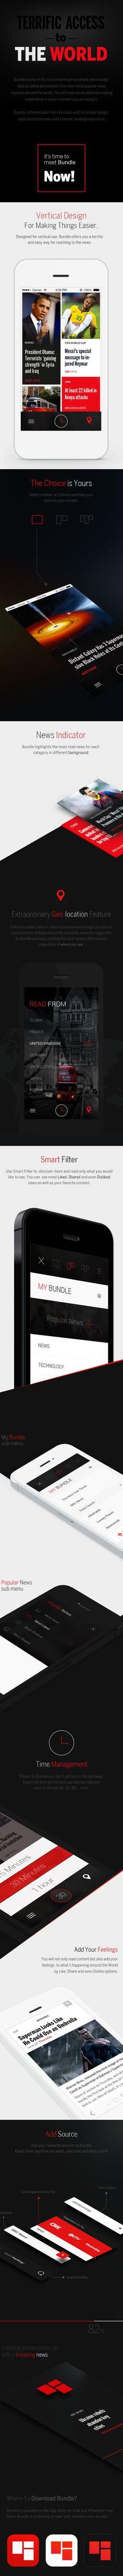 Bundle Iphone App by Enes Danış, via Behance